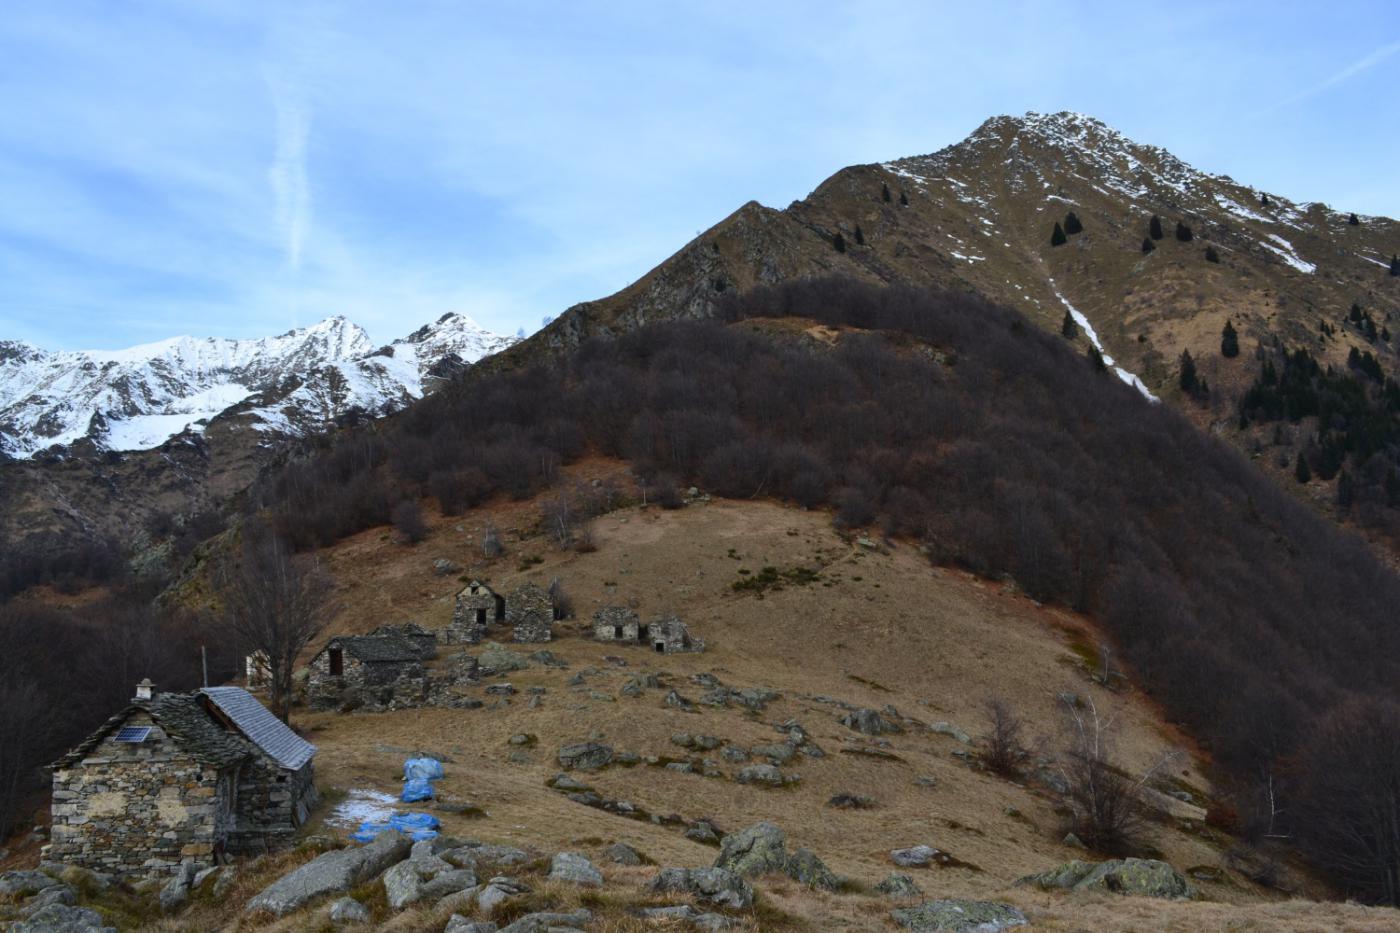 il poggio panoramico dell'Alpe la Piana (1488 m) con la Punta della Cinquegna sullo sfondo